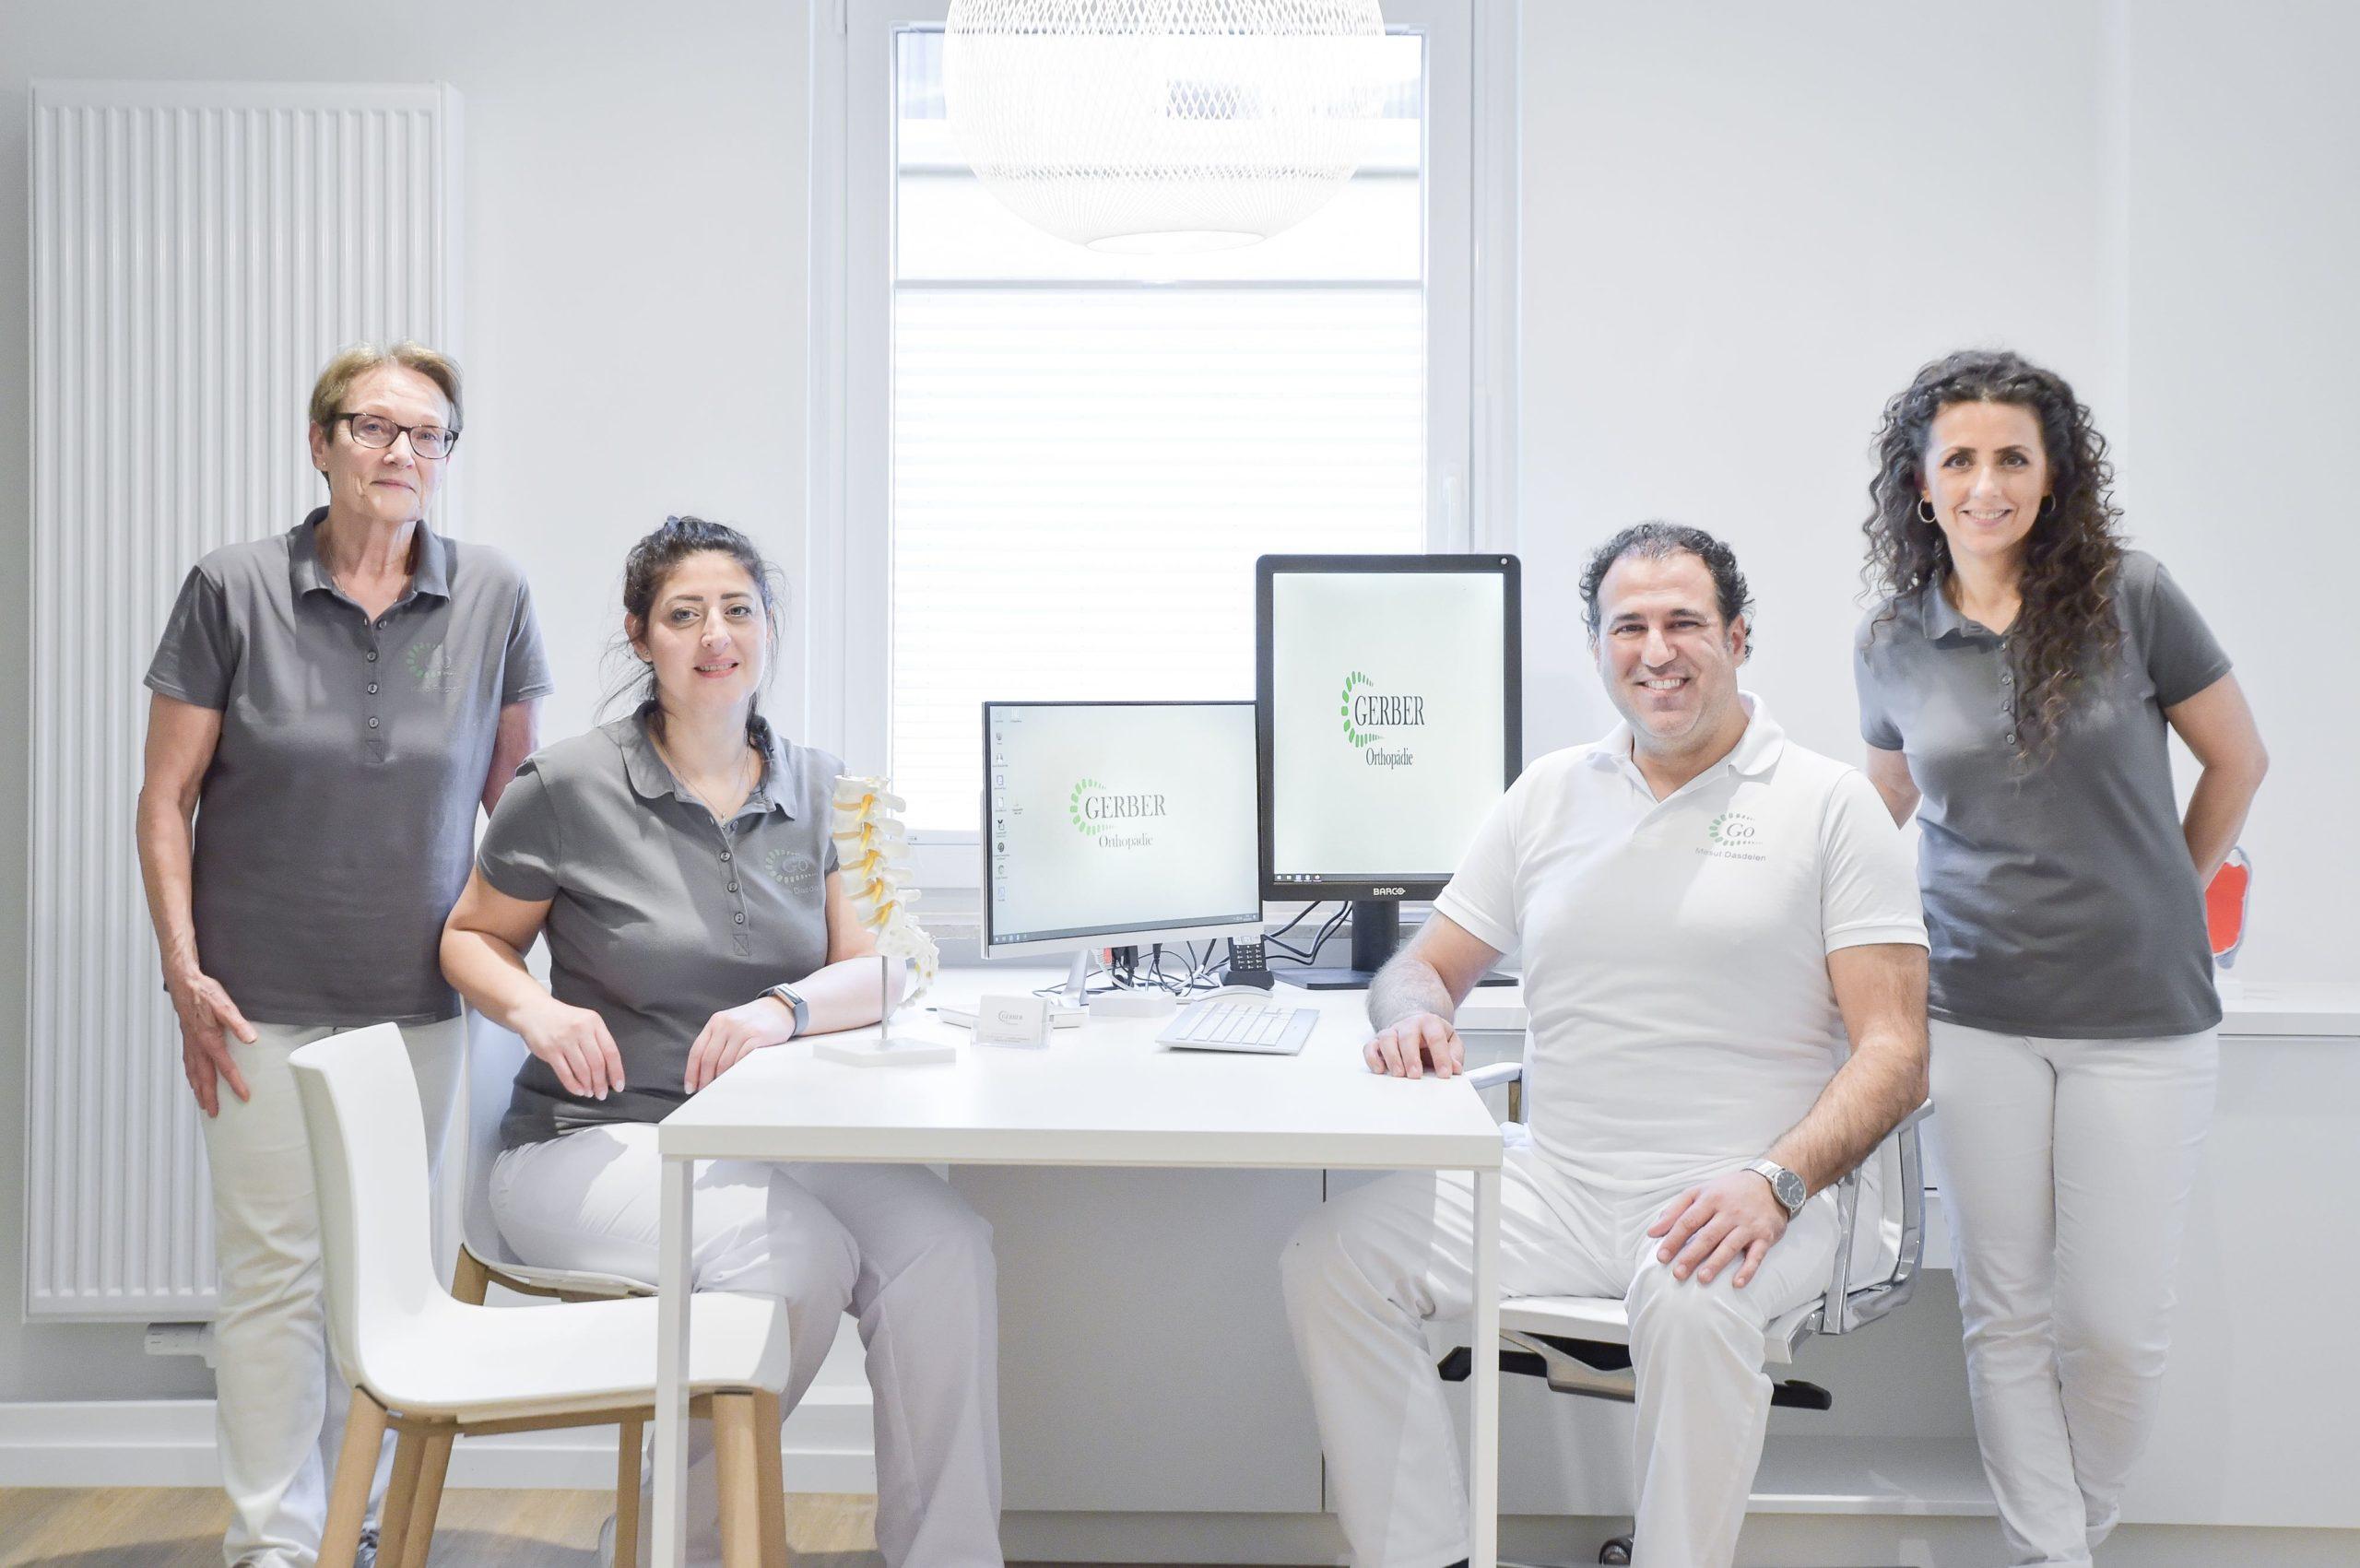 Orthopädie Stuttgart - Ihre neue Facharztpraxis für Orthopädie